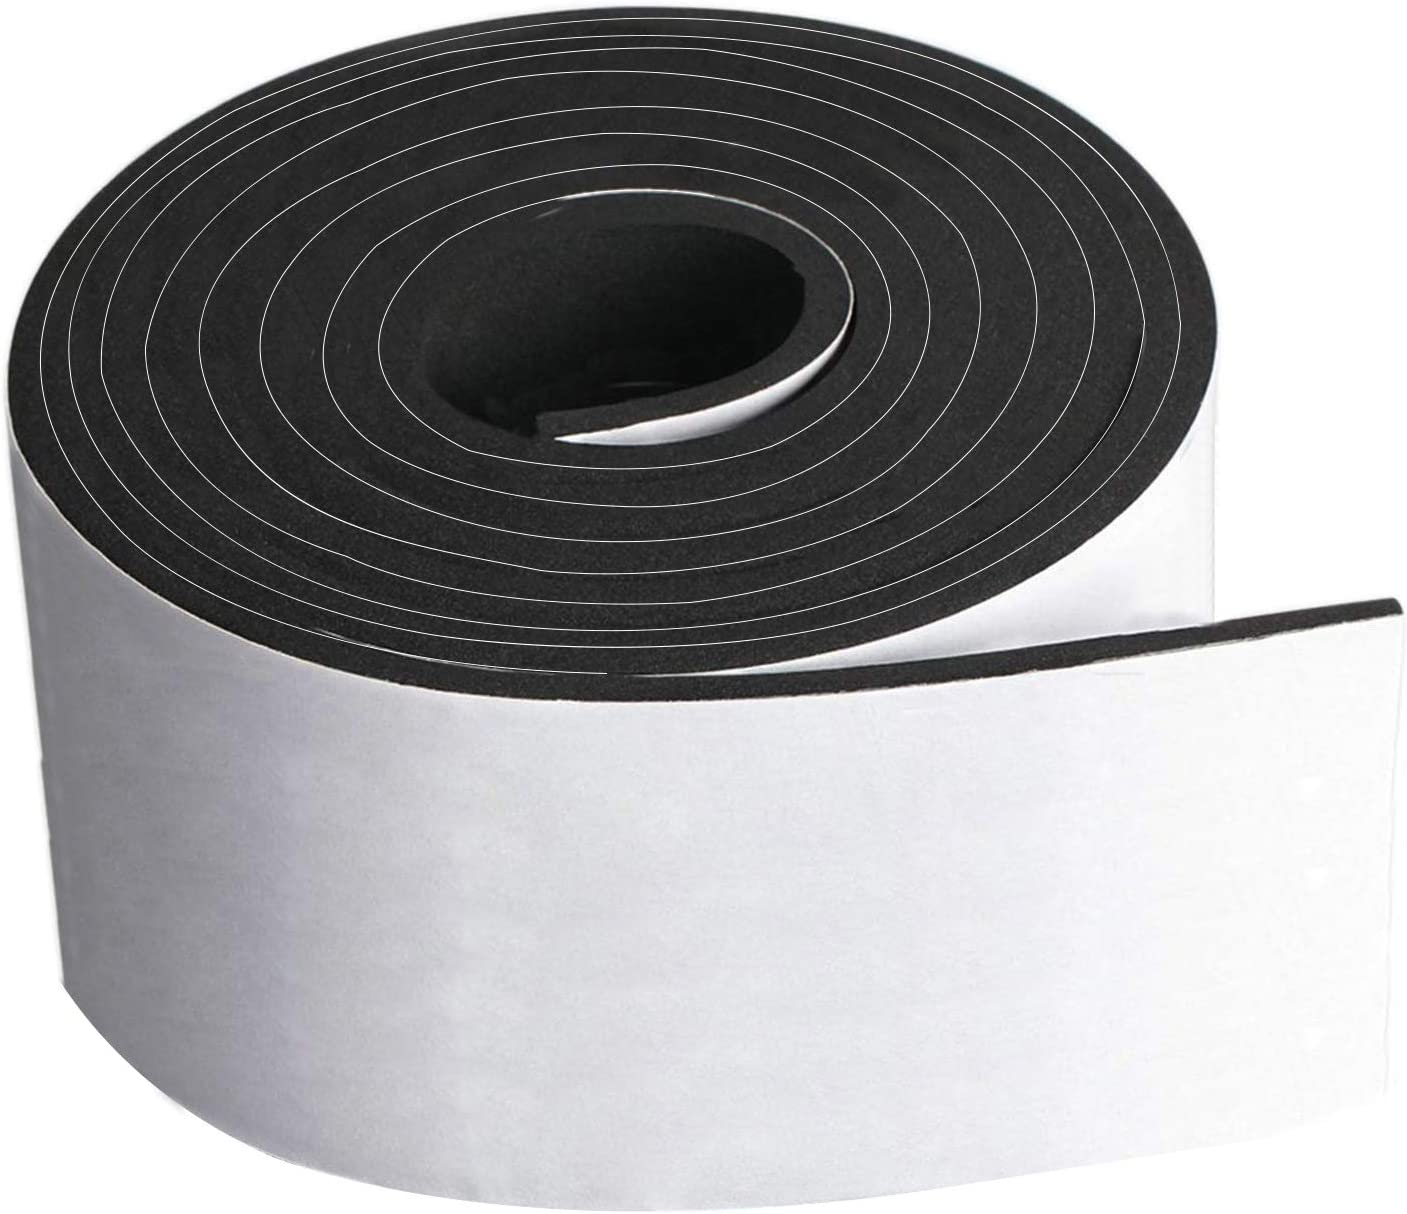 Neoprene Foam Strip Roll by Dualplex, 4